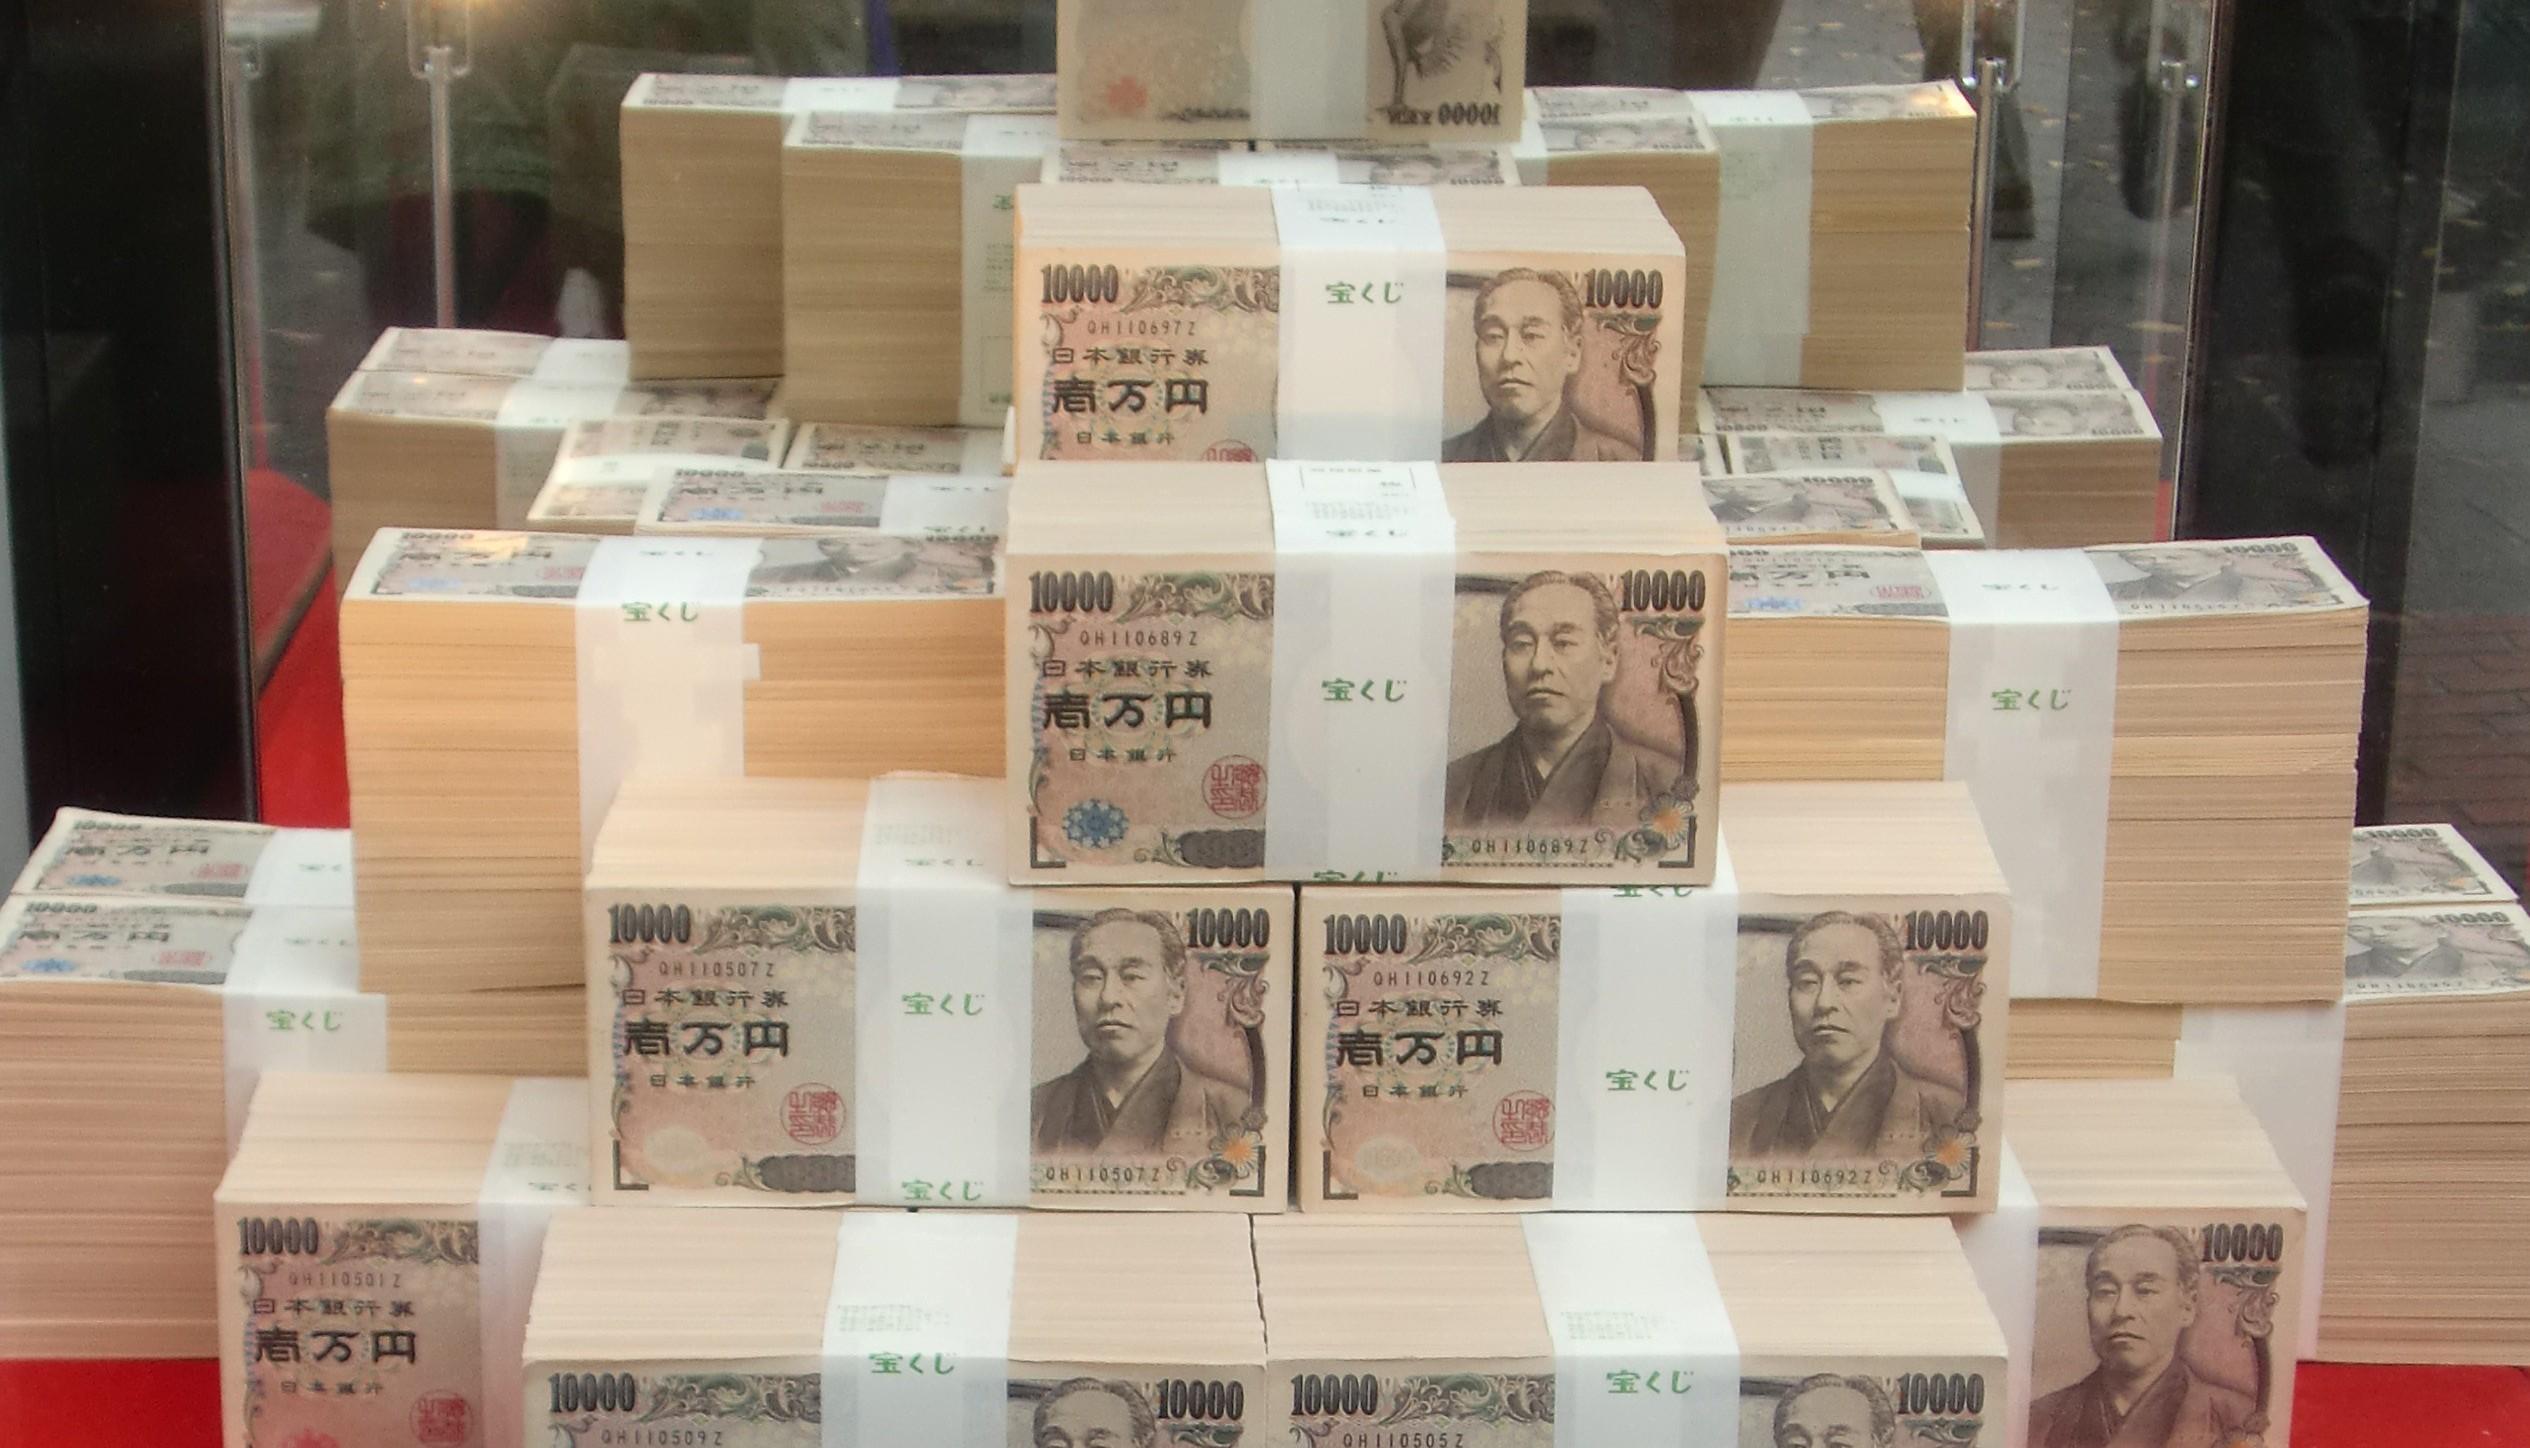 オータムジャンボ 宝くじ 2016 発売期間 当選日 確率